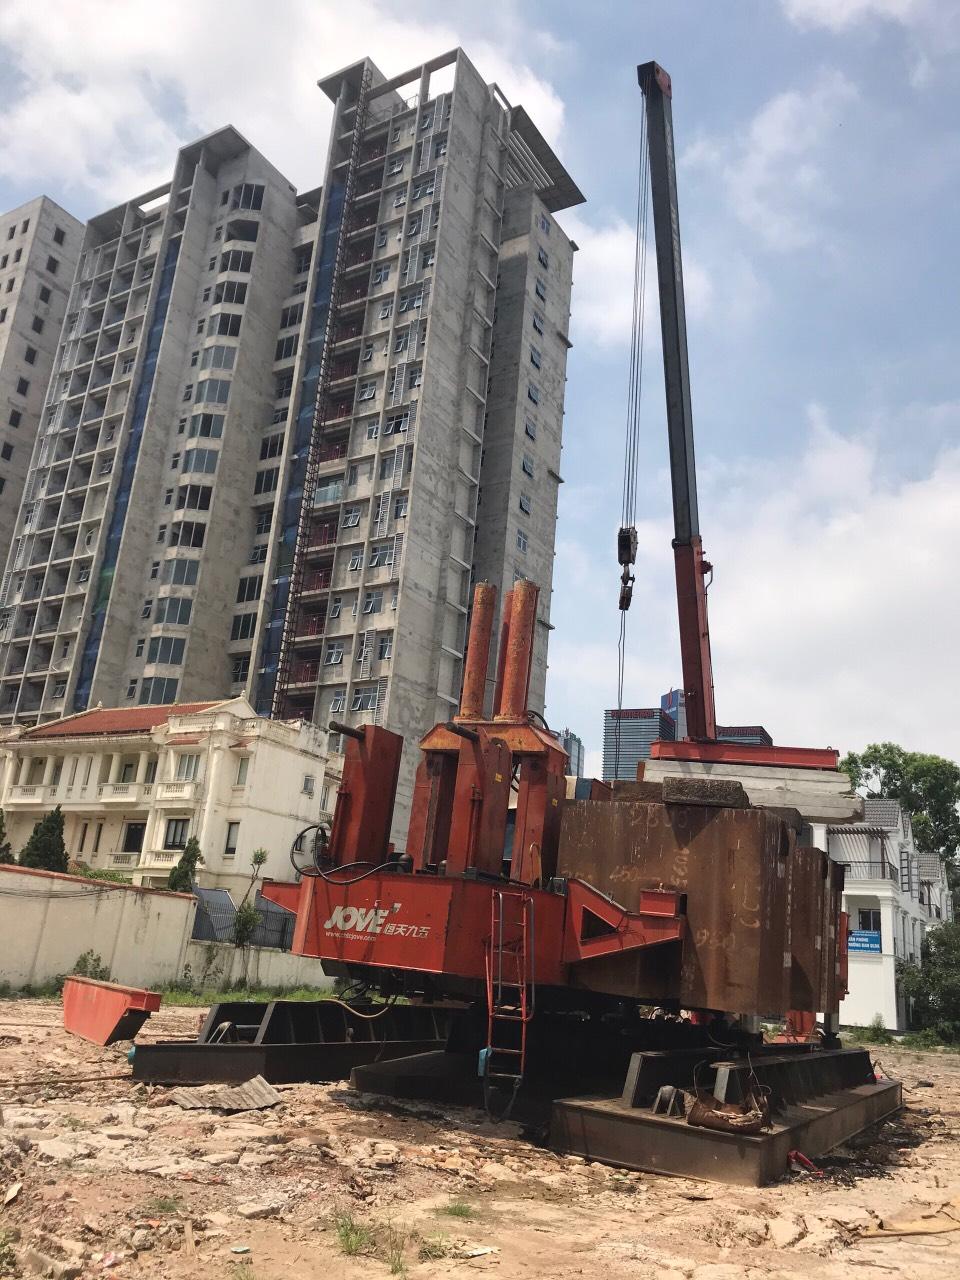 Tiến hành khoan cọc bê tông dự án số 5 Thành Công